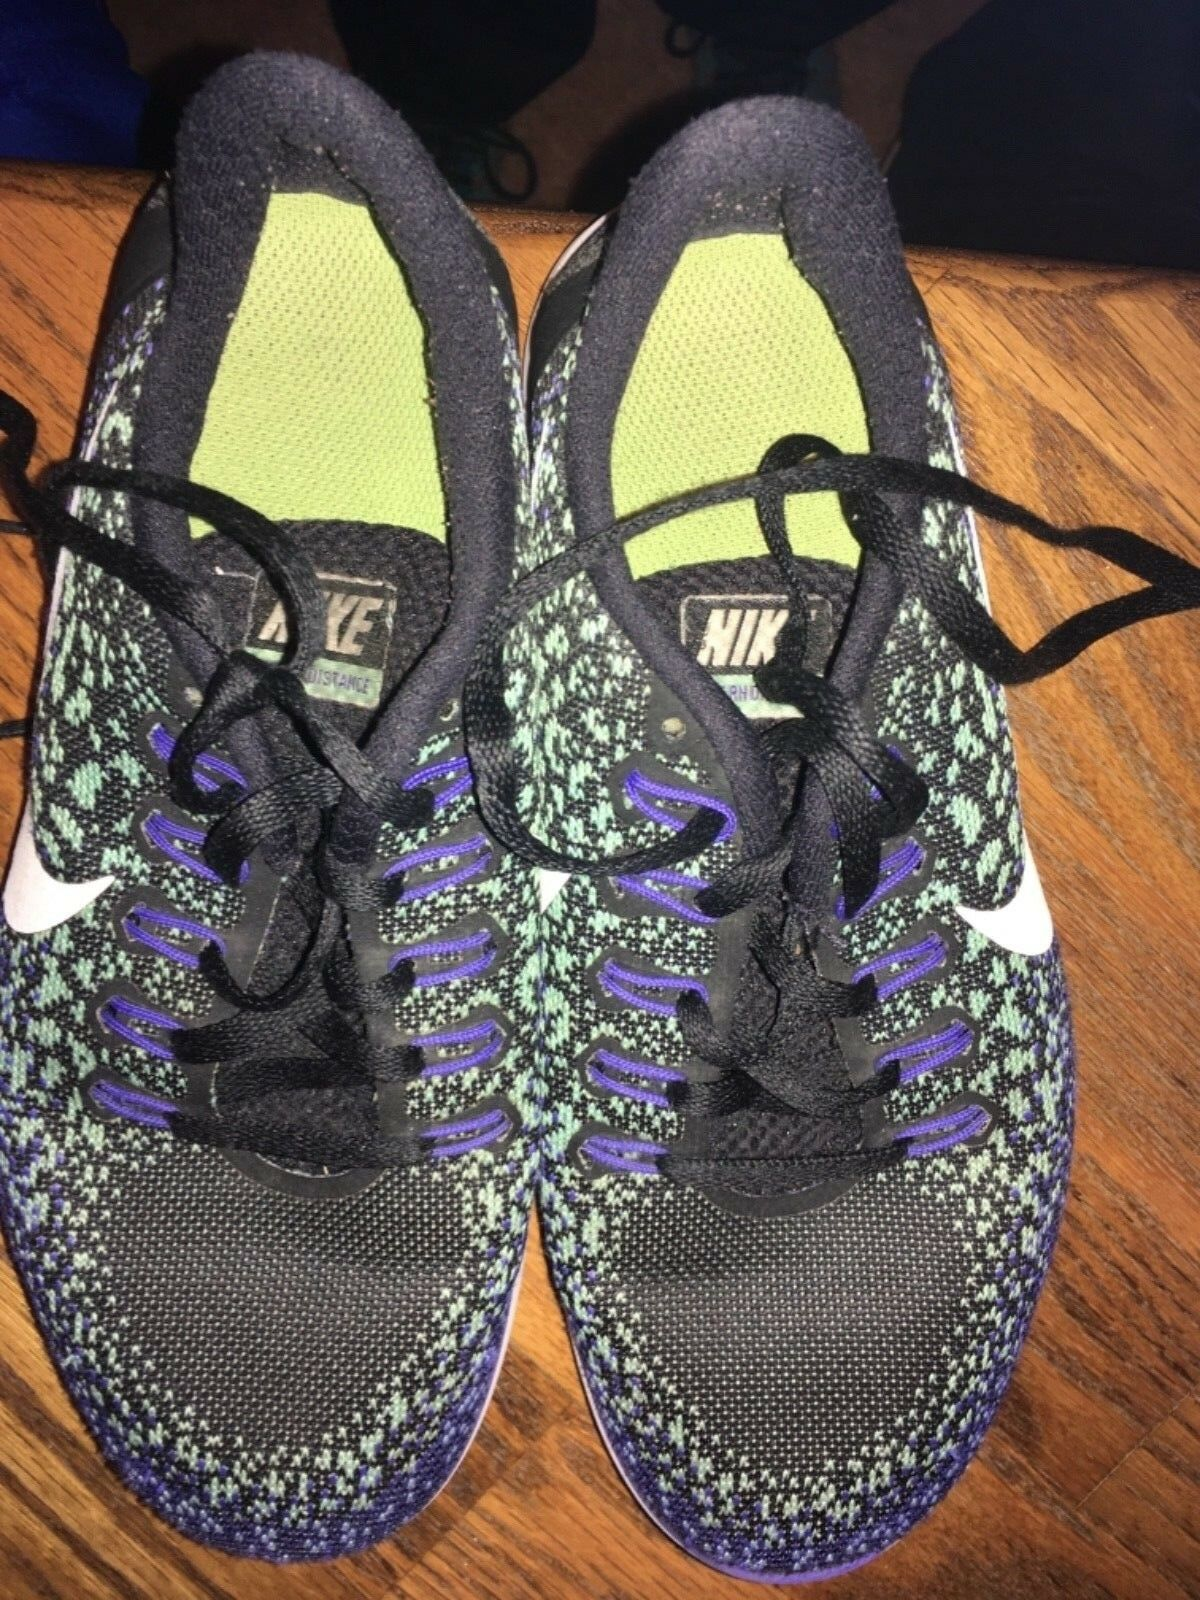 Nike Free RN 827116-013 Distance Black/White-Green Glow-Persian Violet 827116-013 RN Size 6 ec3090